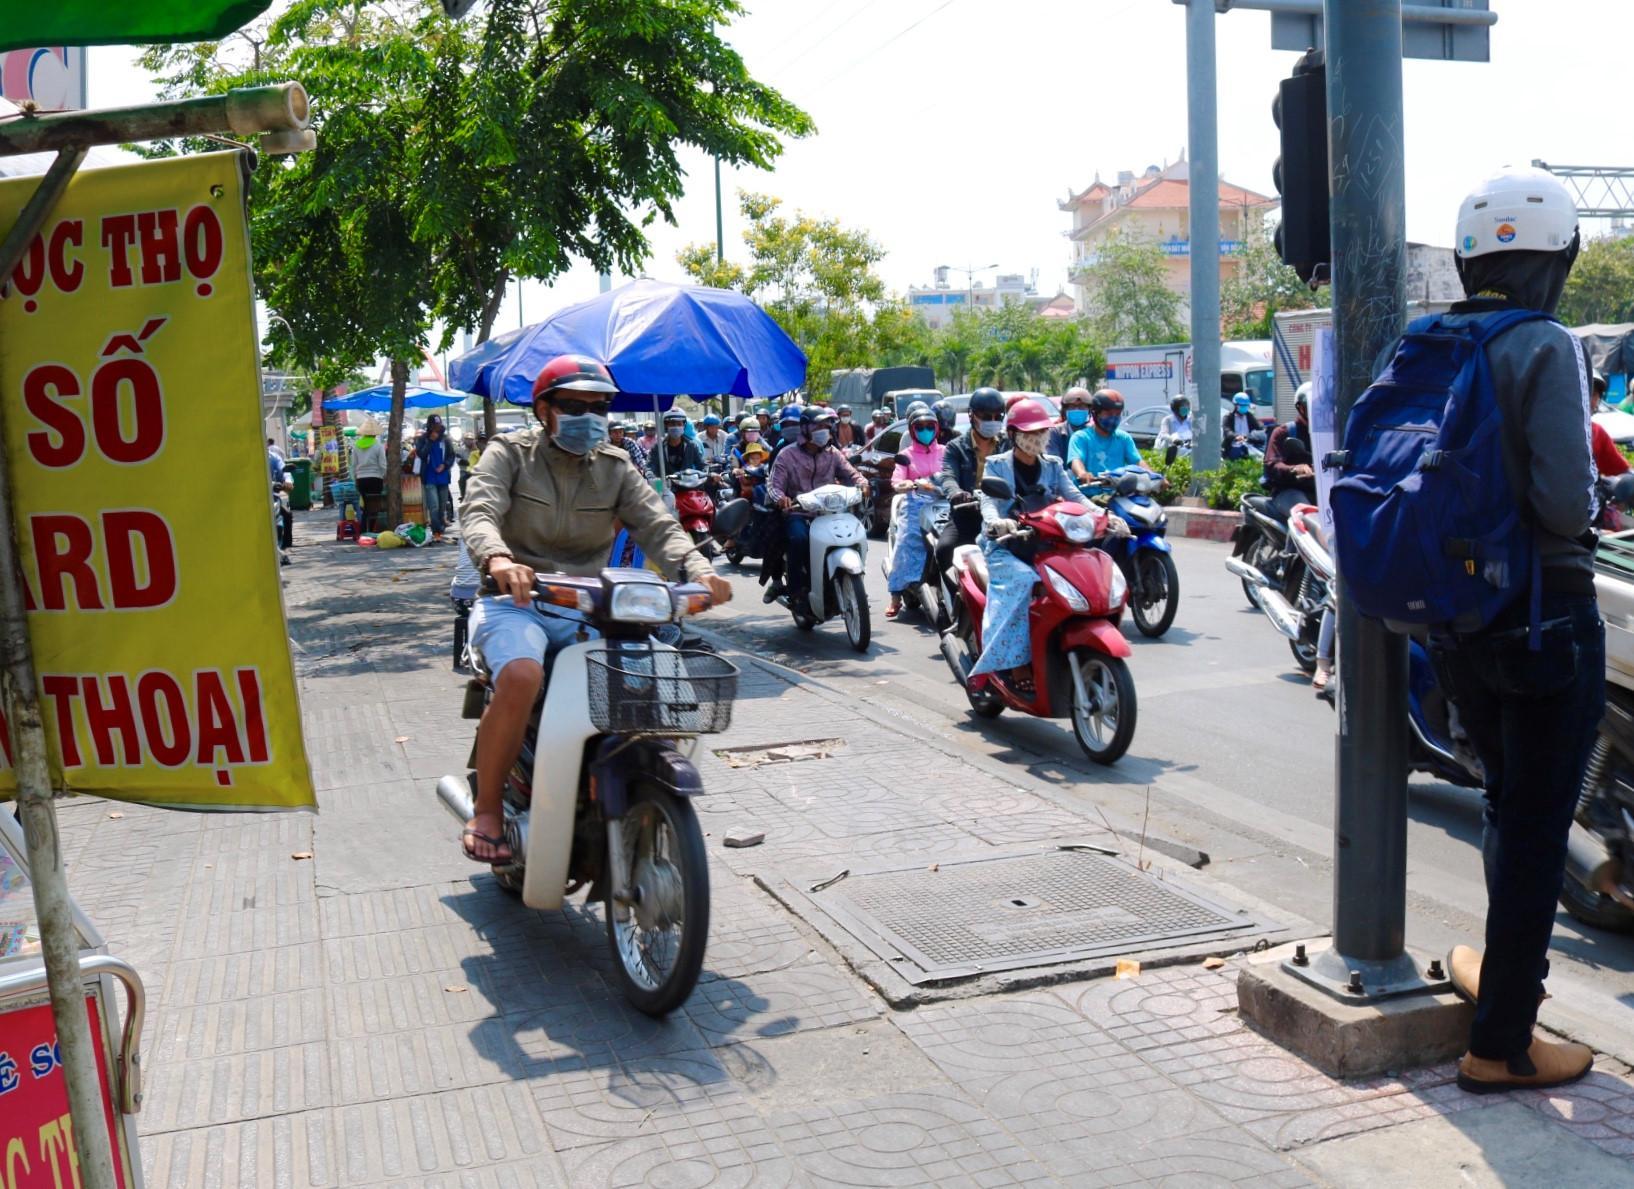 Người Sài Gòn chịu đựng nóng chưa từng có: Chống nóng ngộ nghĩnh, coi chừng phạm luật Ảnh 15